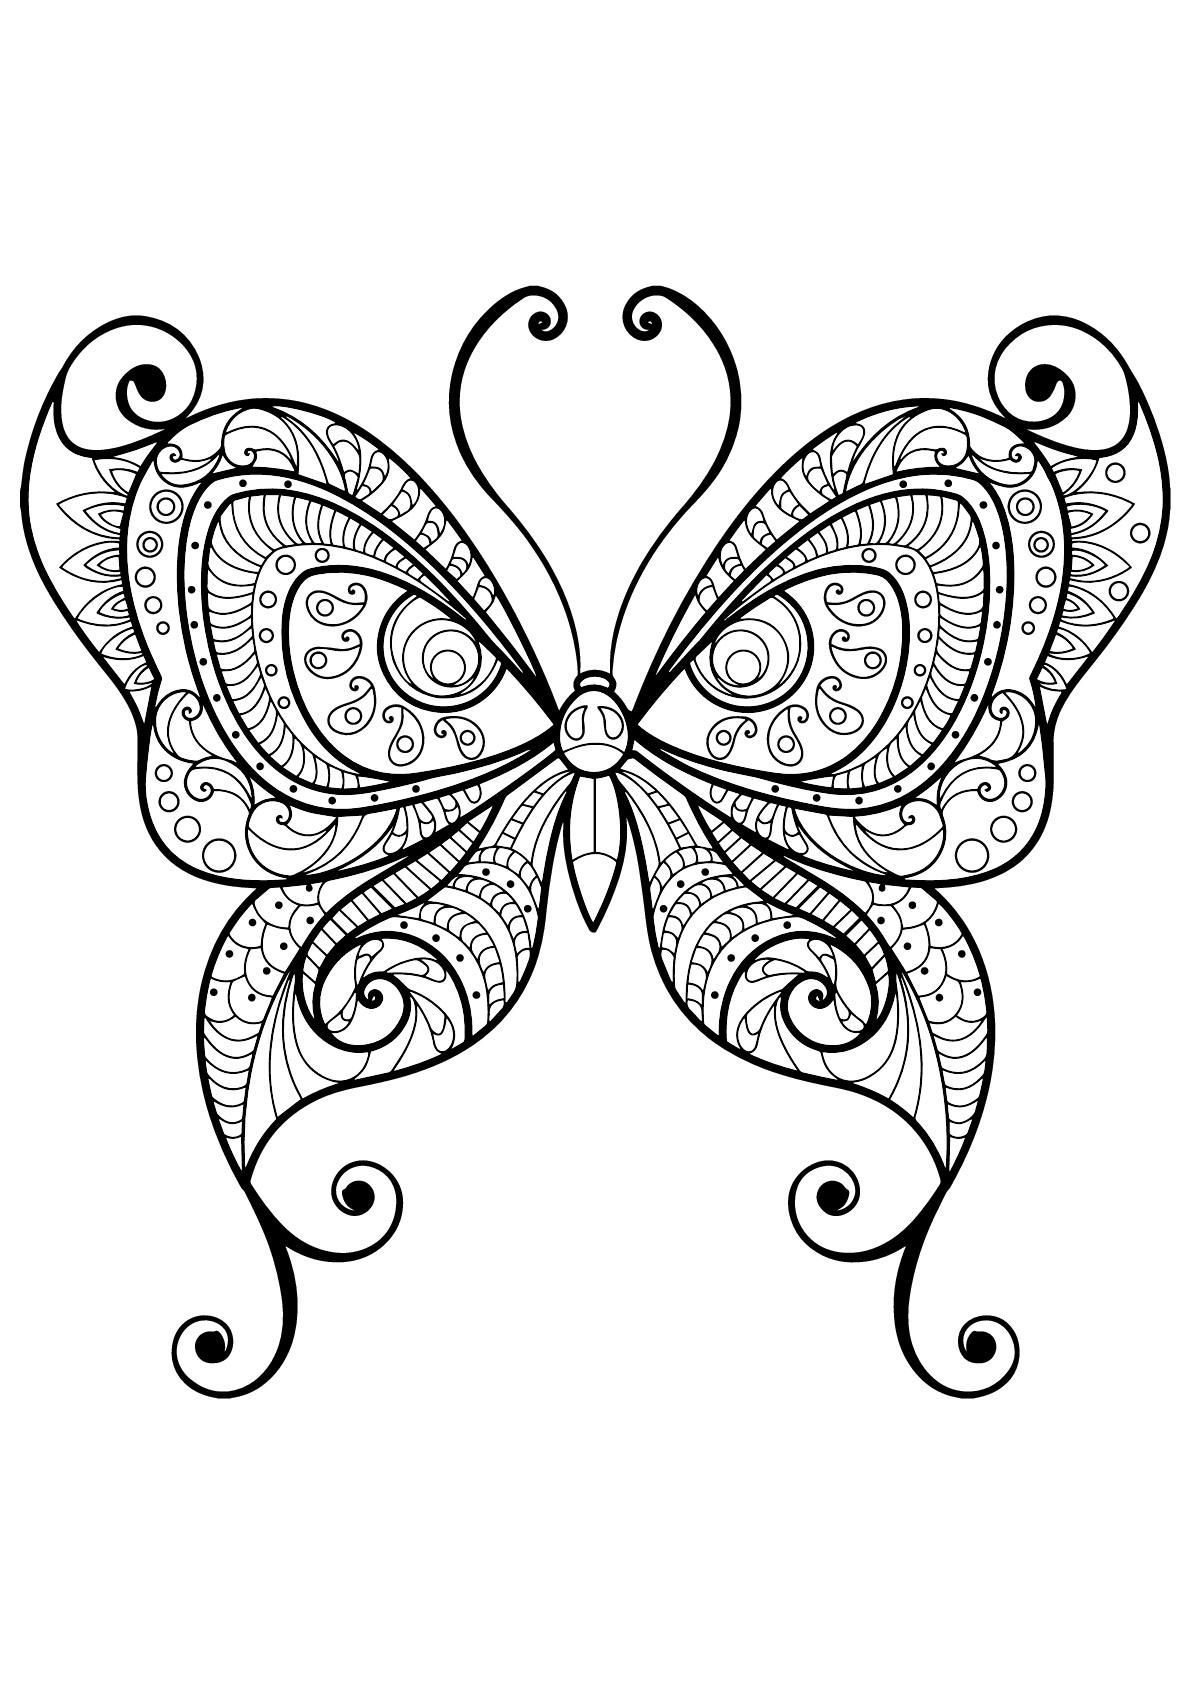 Insectos 34526 - Mariposas e insectos - Just Color : Colorear para ...